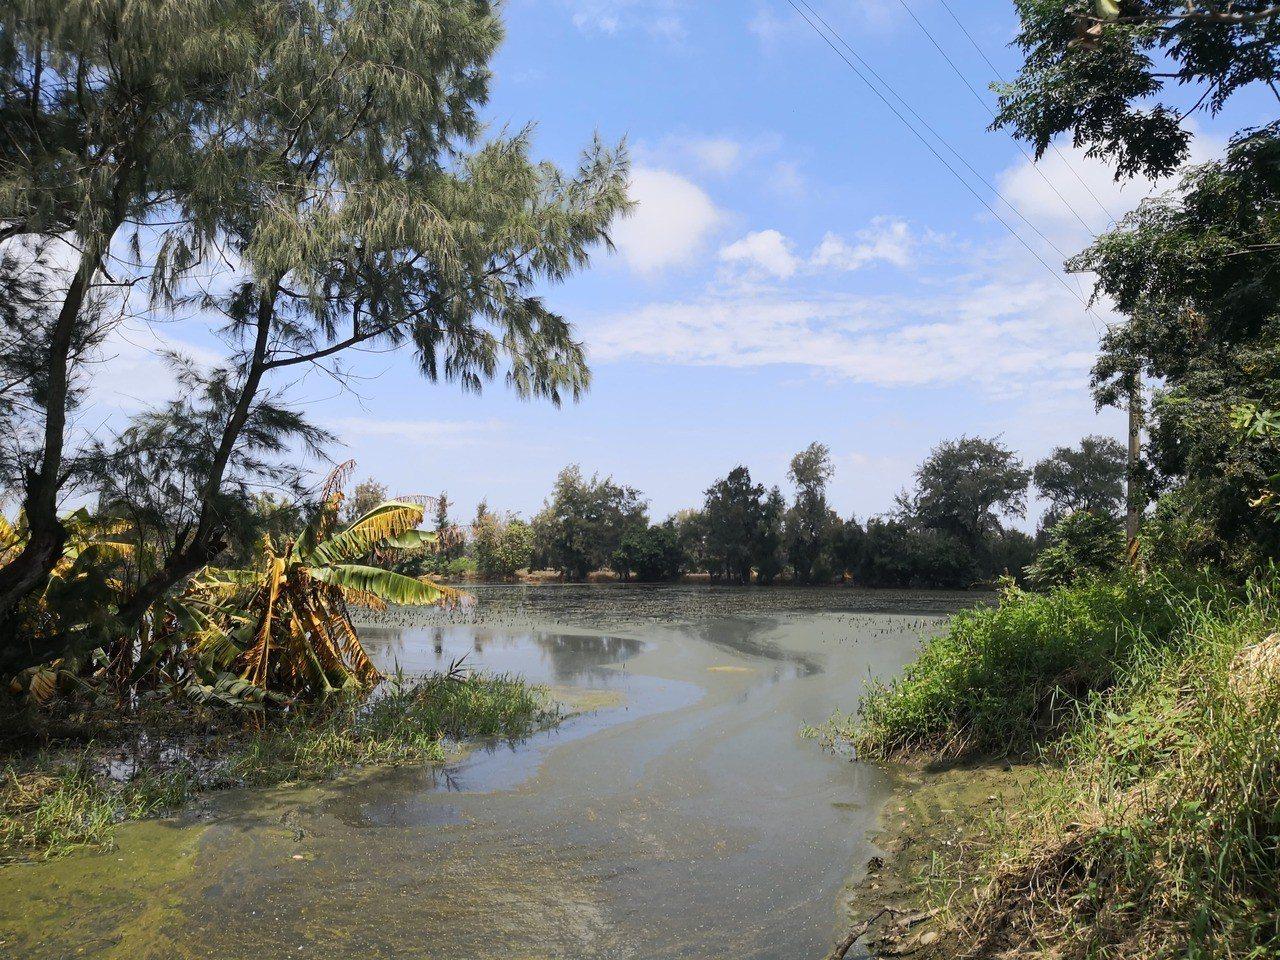 嘉義縣823水災至今半個月,位處偏僻地勢低的東石鄉國家鰲鼓濕地,部分積水未消退,...